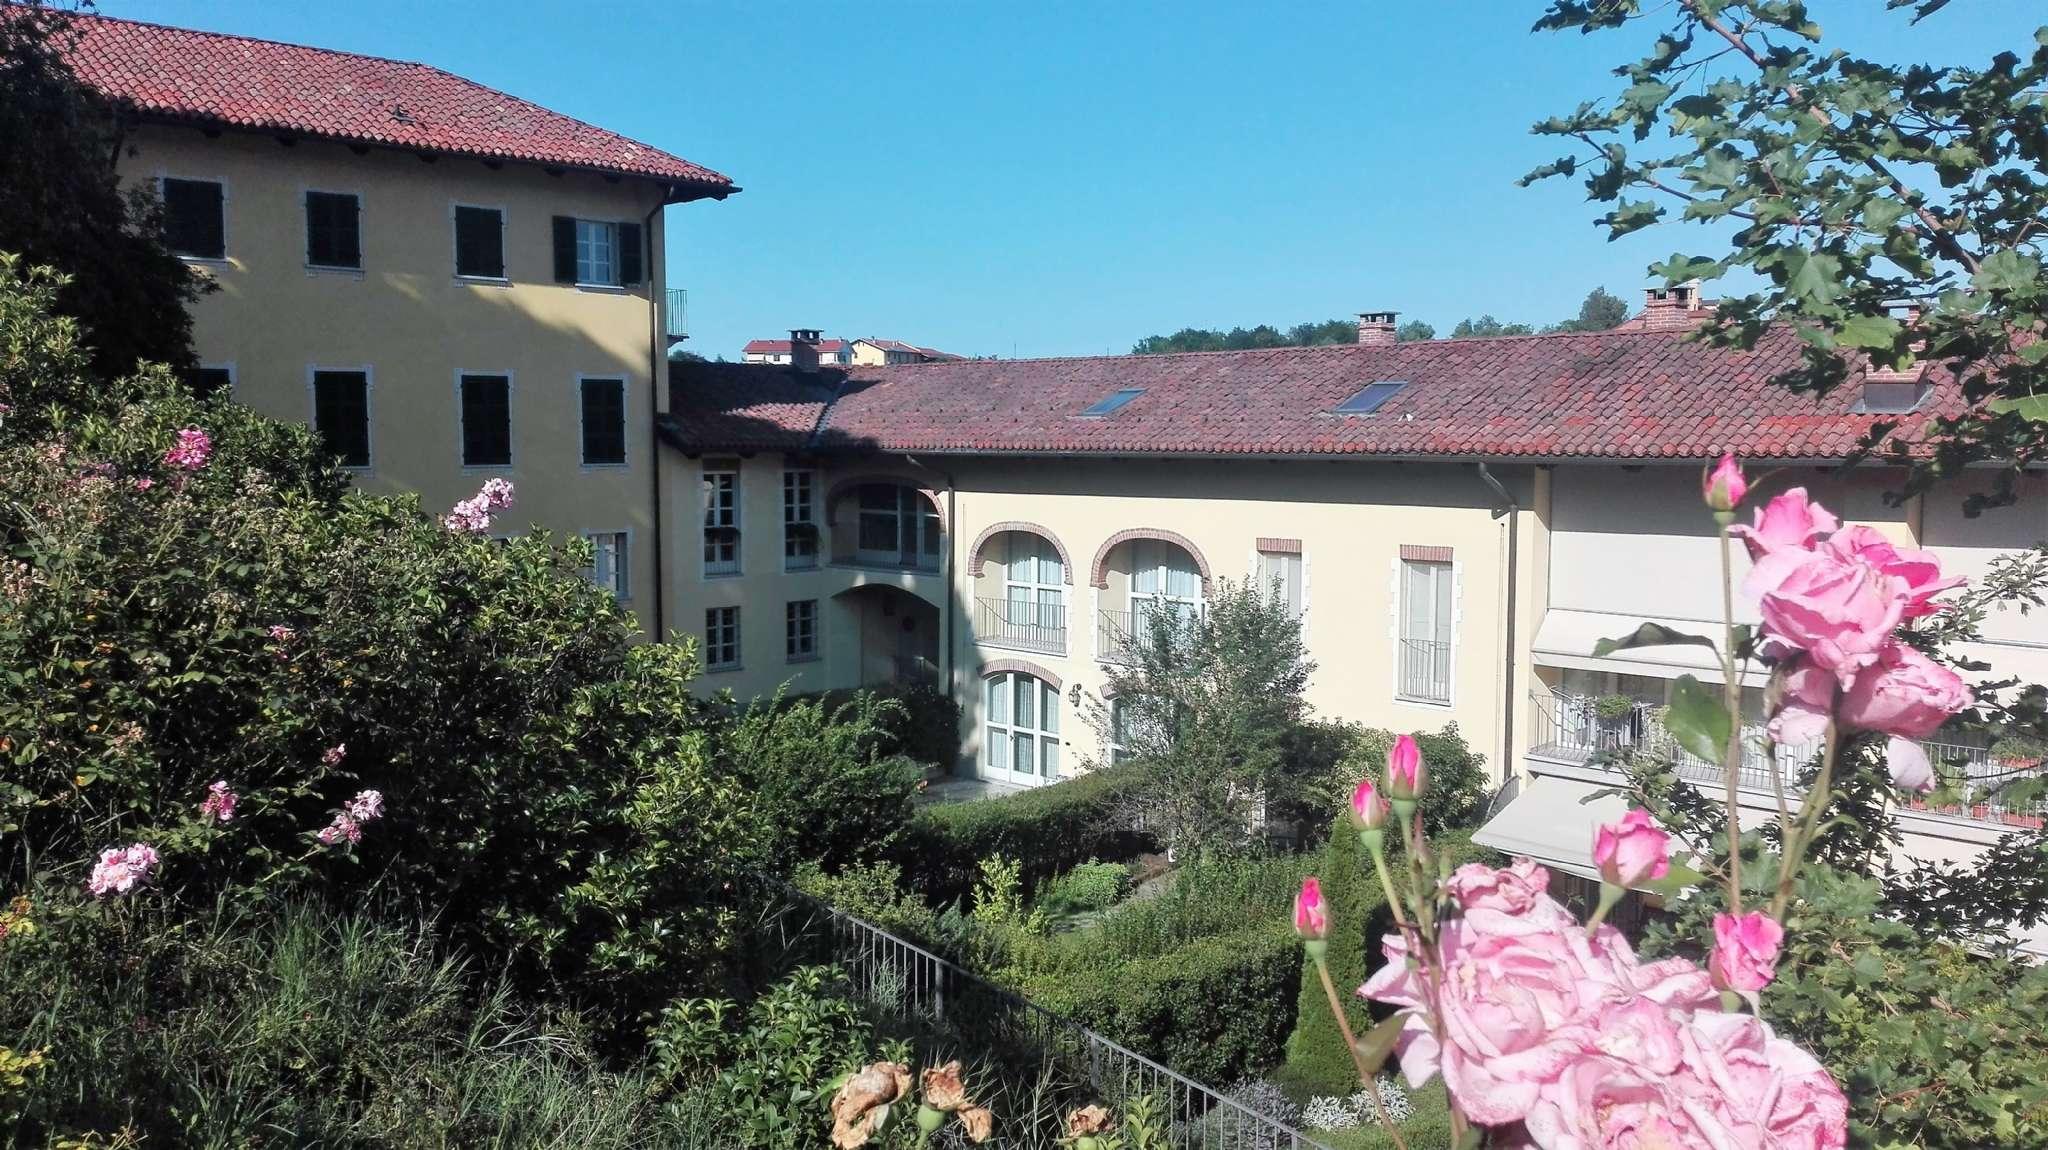 Appartamento in vendita strada Turriglie 10 Chieri